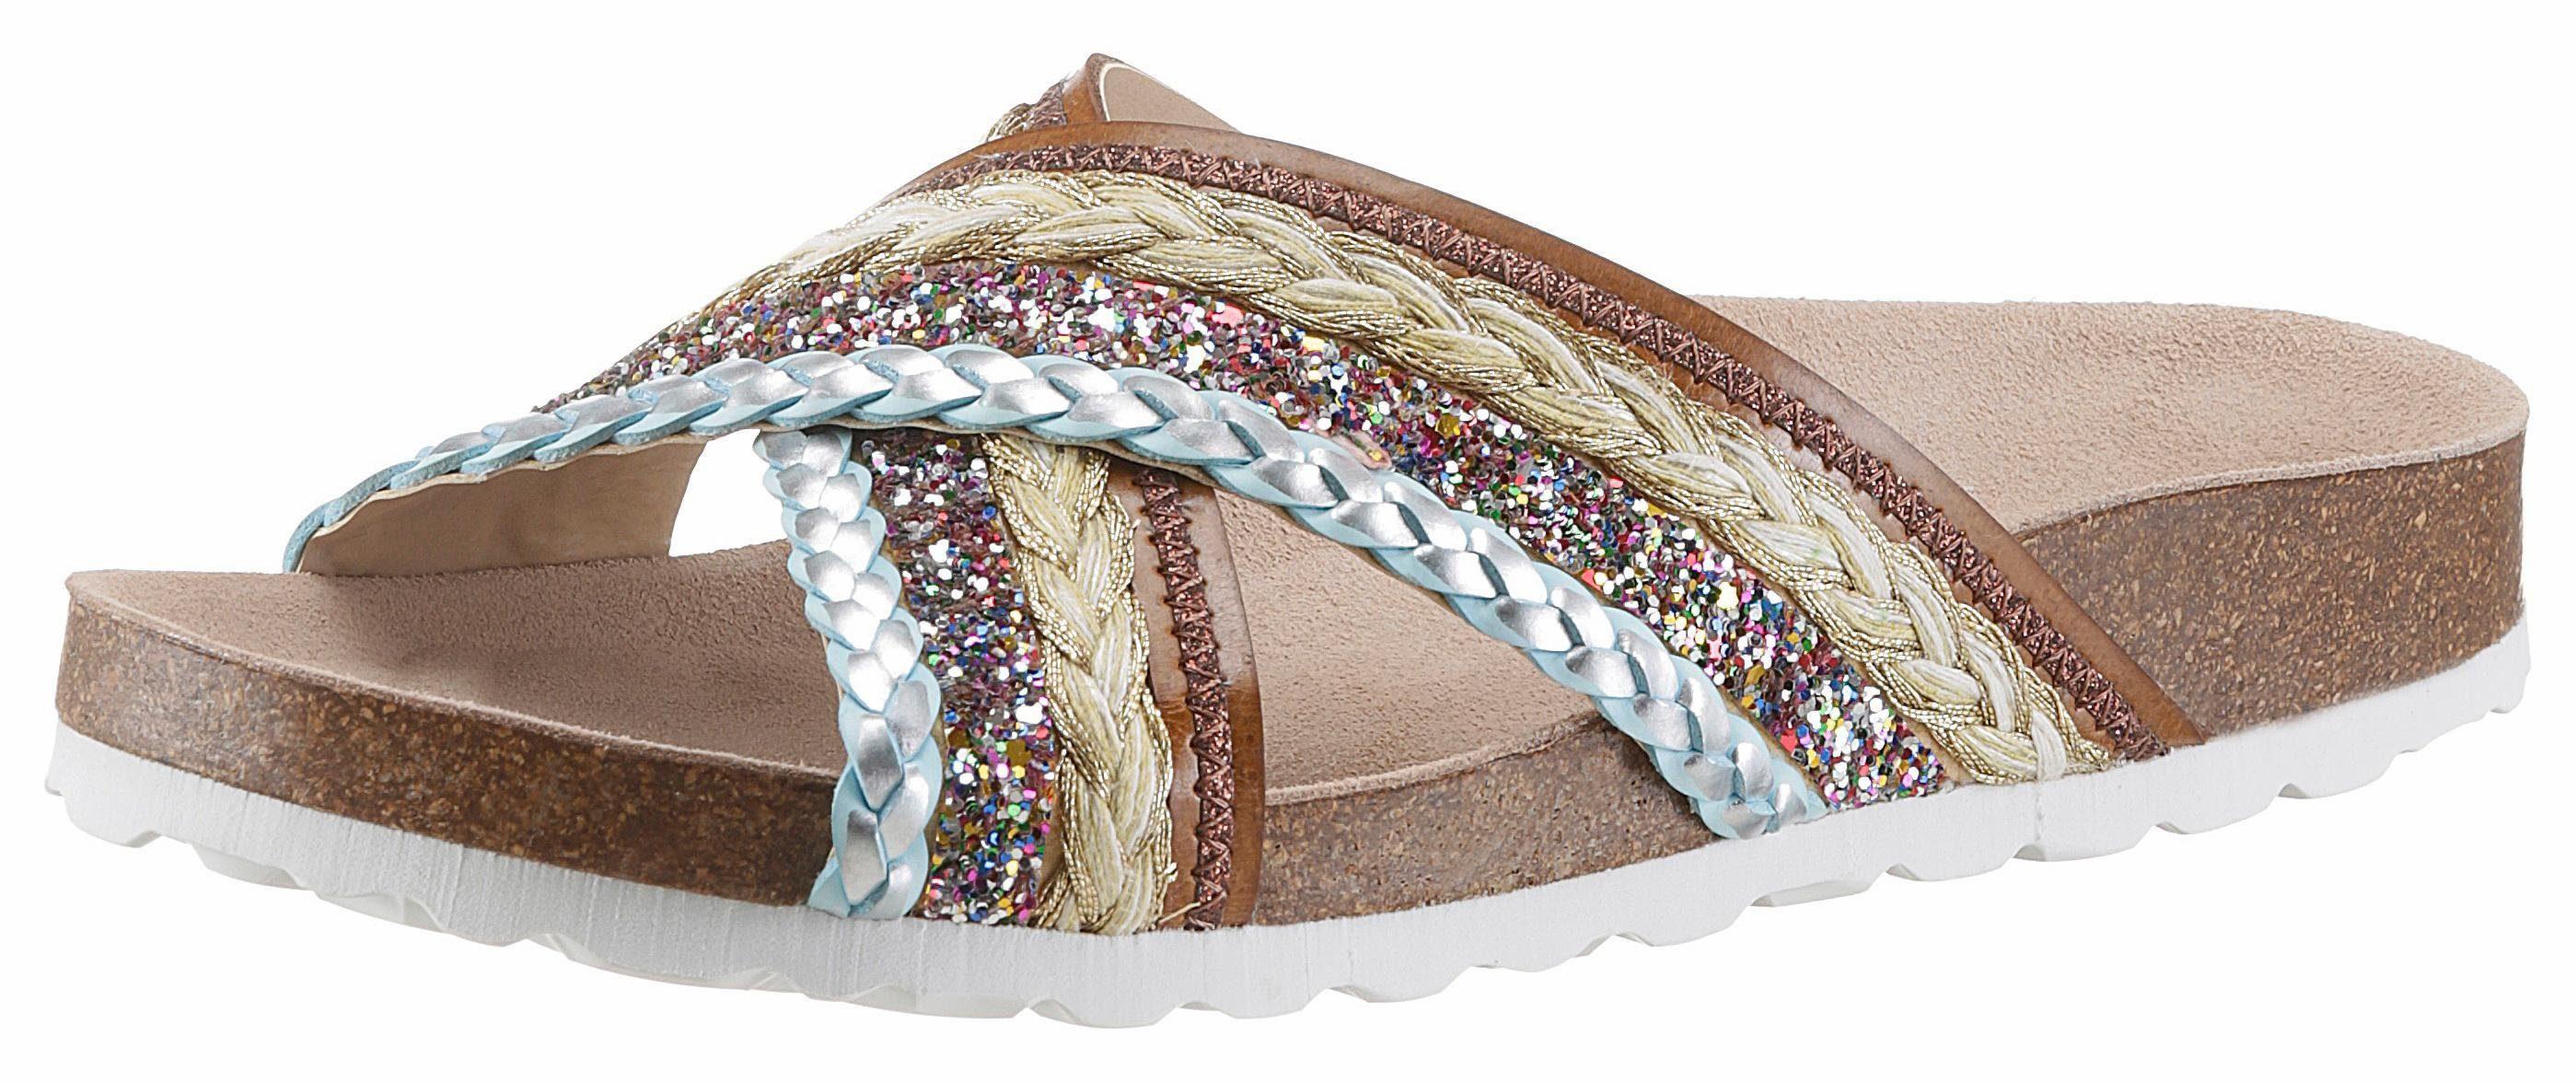 VERBENAS Pantolette, mit Glitter, braun, EURO-Größen, braun-bunt